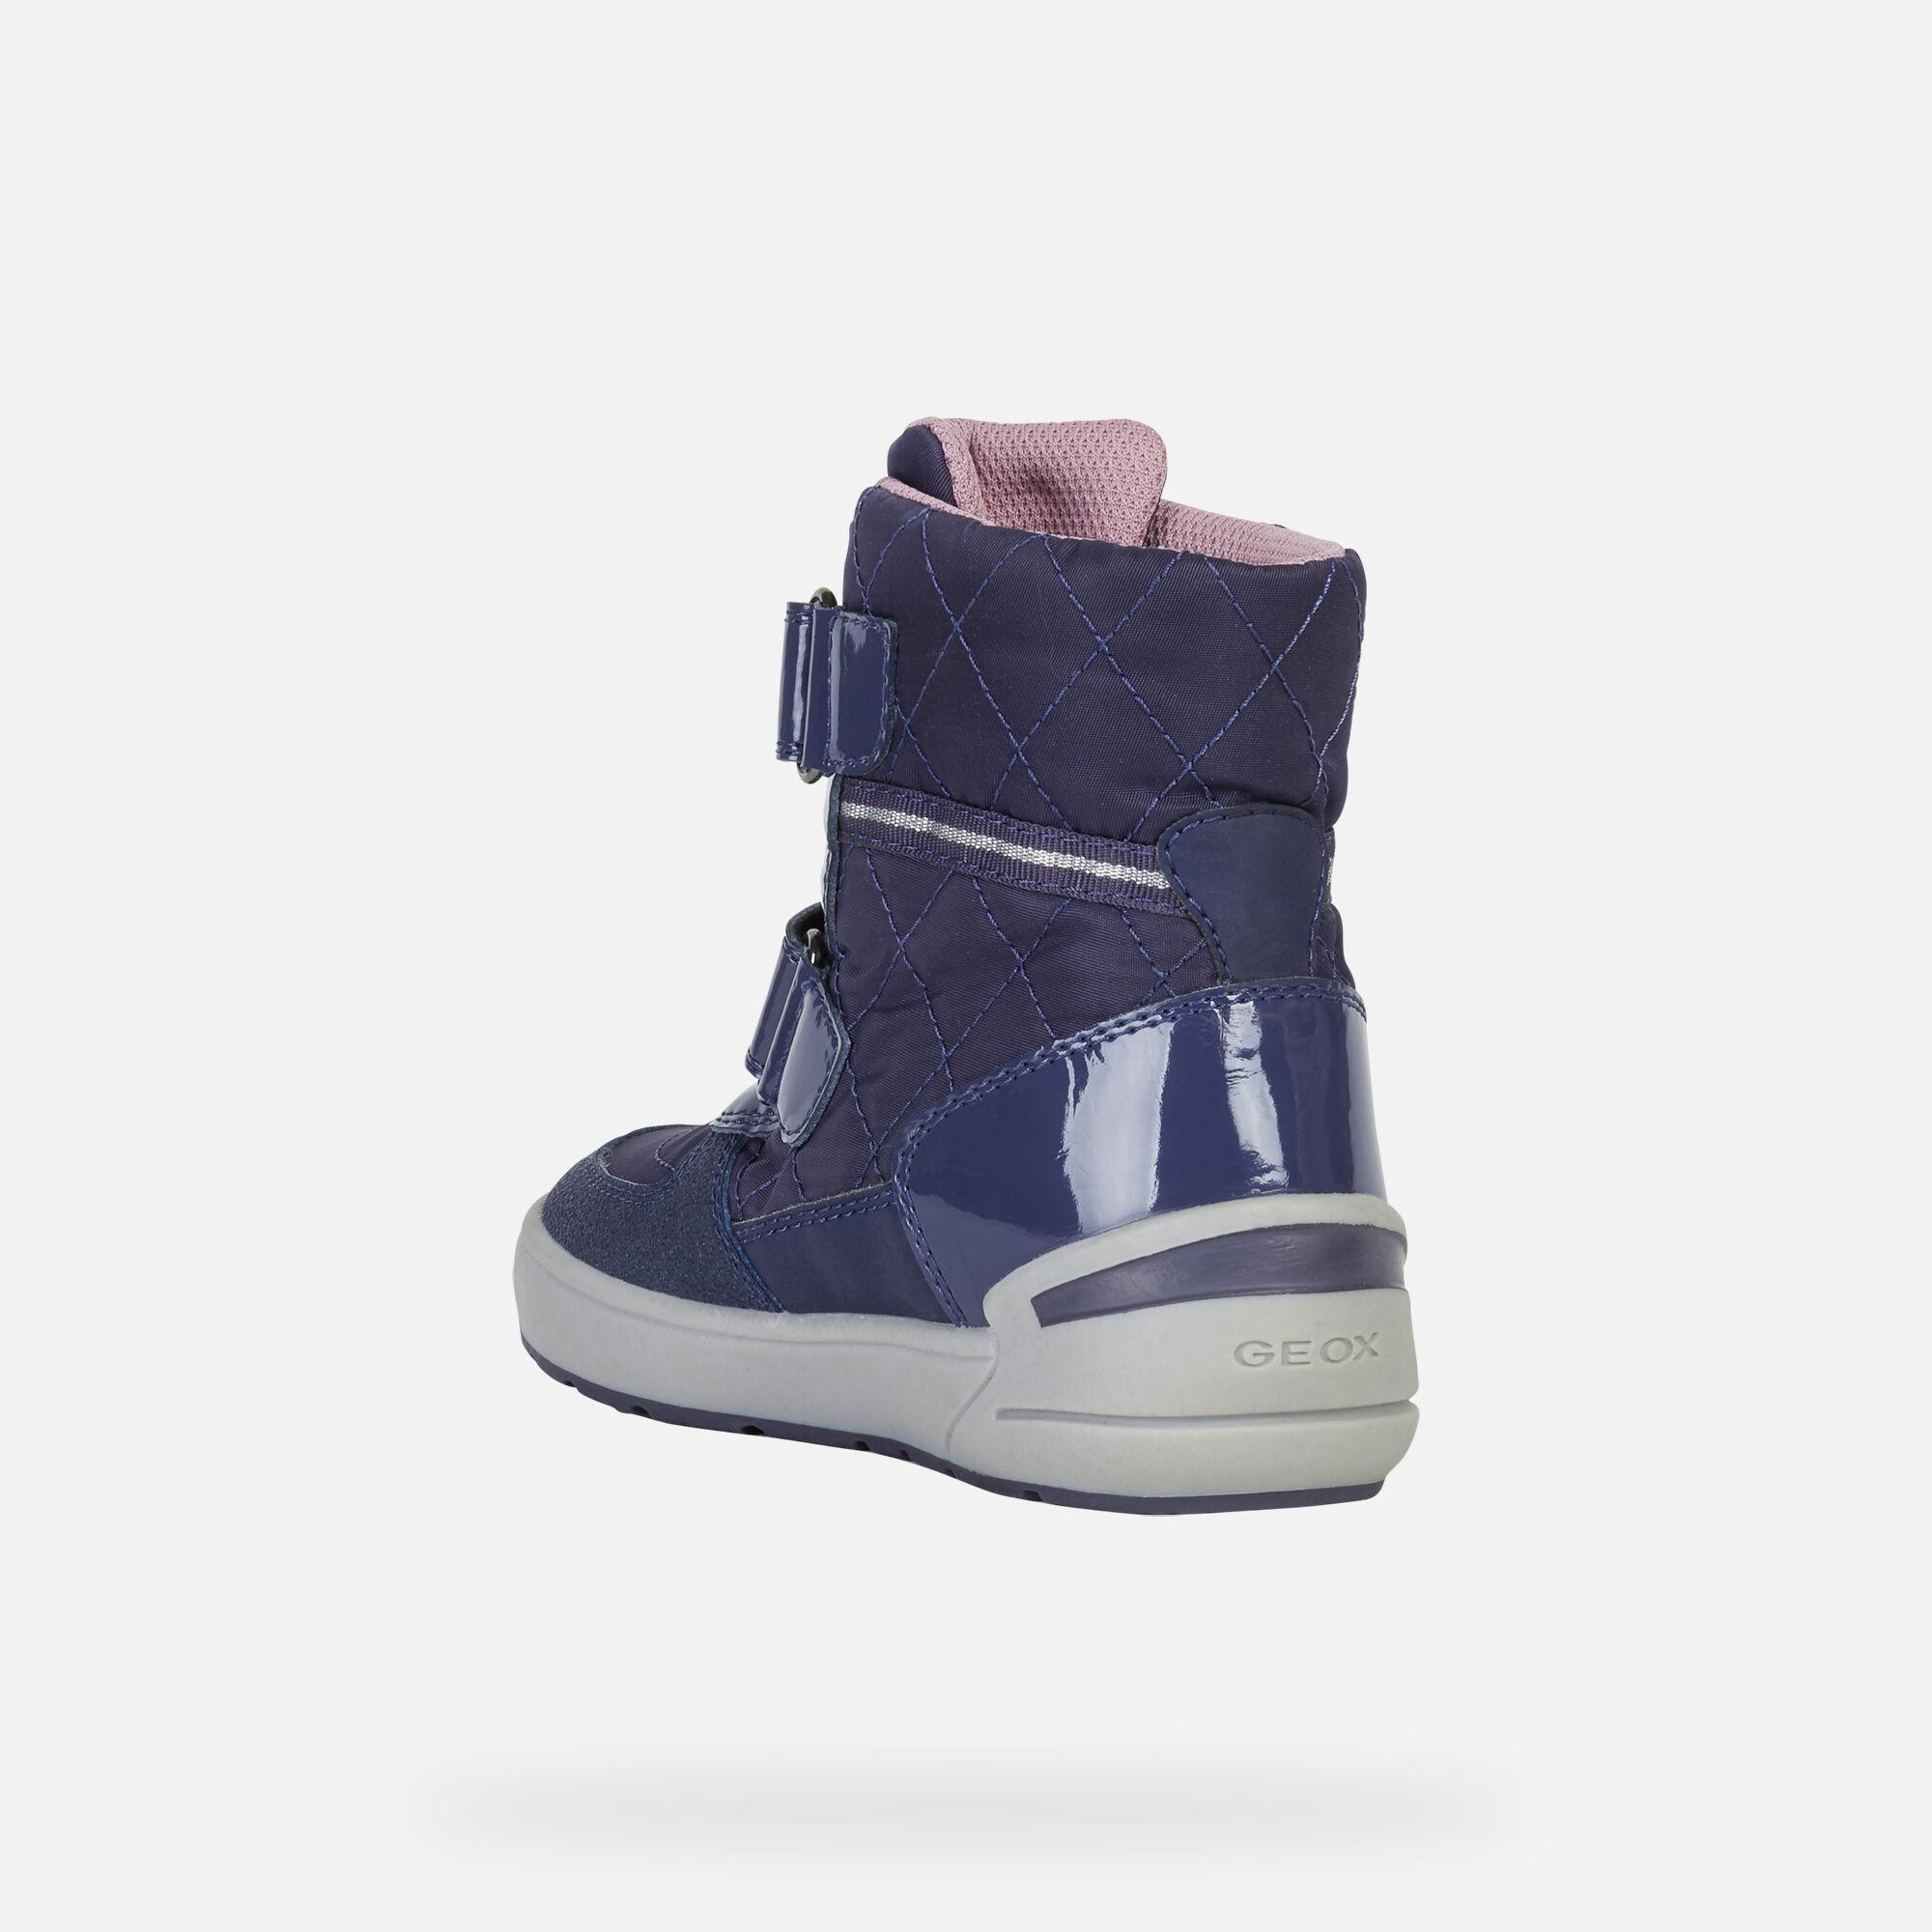 Geox Winter Sneaker für die kalte Jahreszeit | ZALANDO